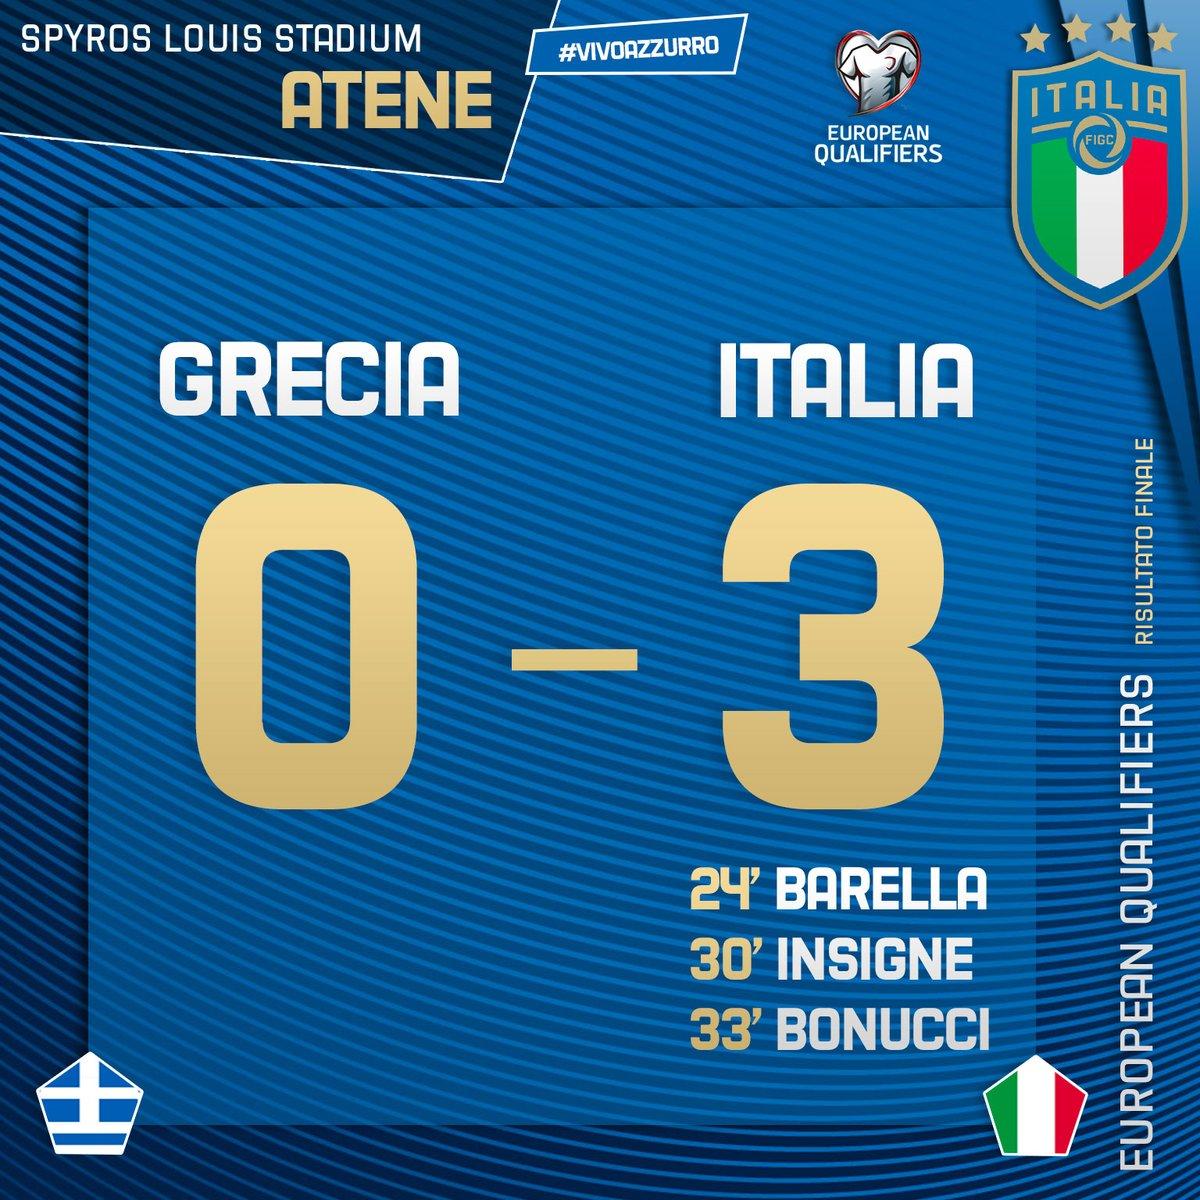 Qualificazioni Euro 2020 - L'Italia batte 3-0 la Grecia: gli azzurri vincono e convincono ad Atene